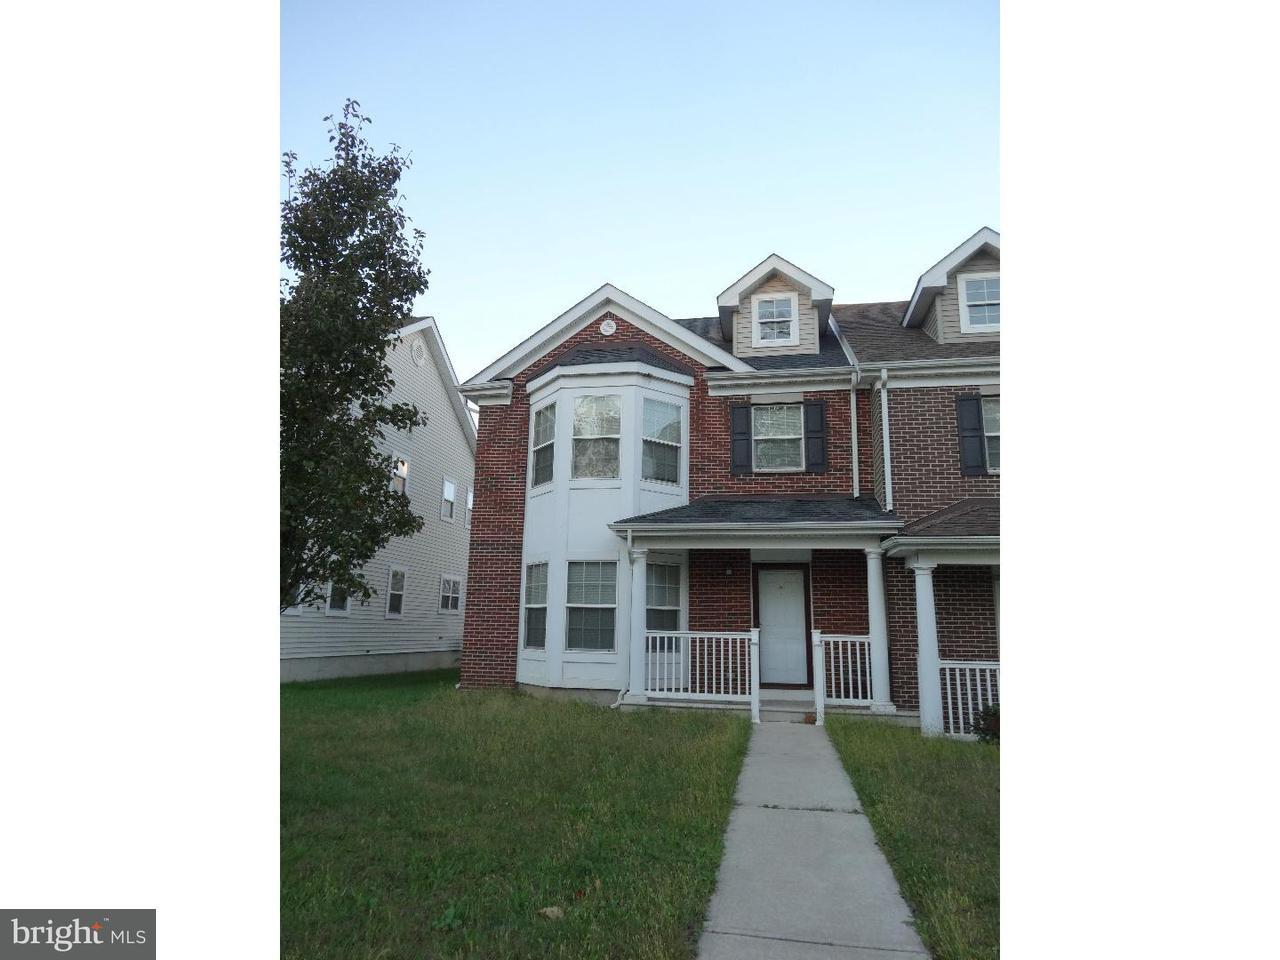 联栋屋 为 出租 在 46 LOUISE Lane 特伦顿, 新泽西州 08618 美国在/周边: Trenton City